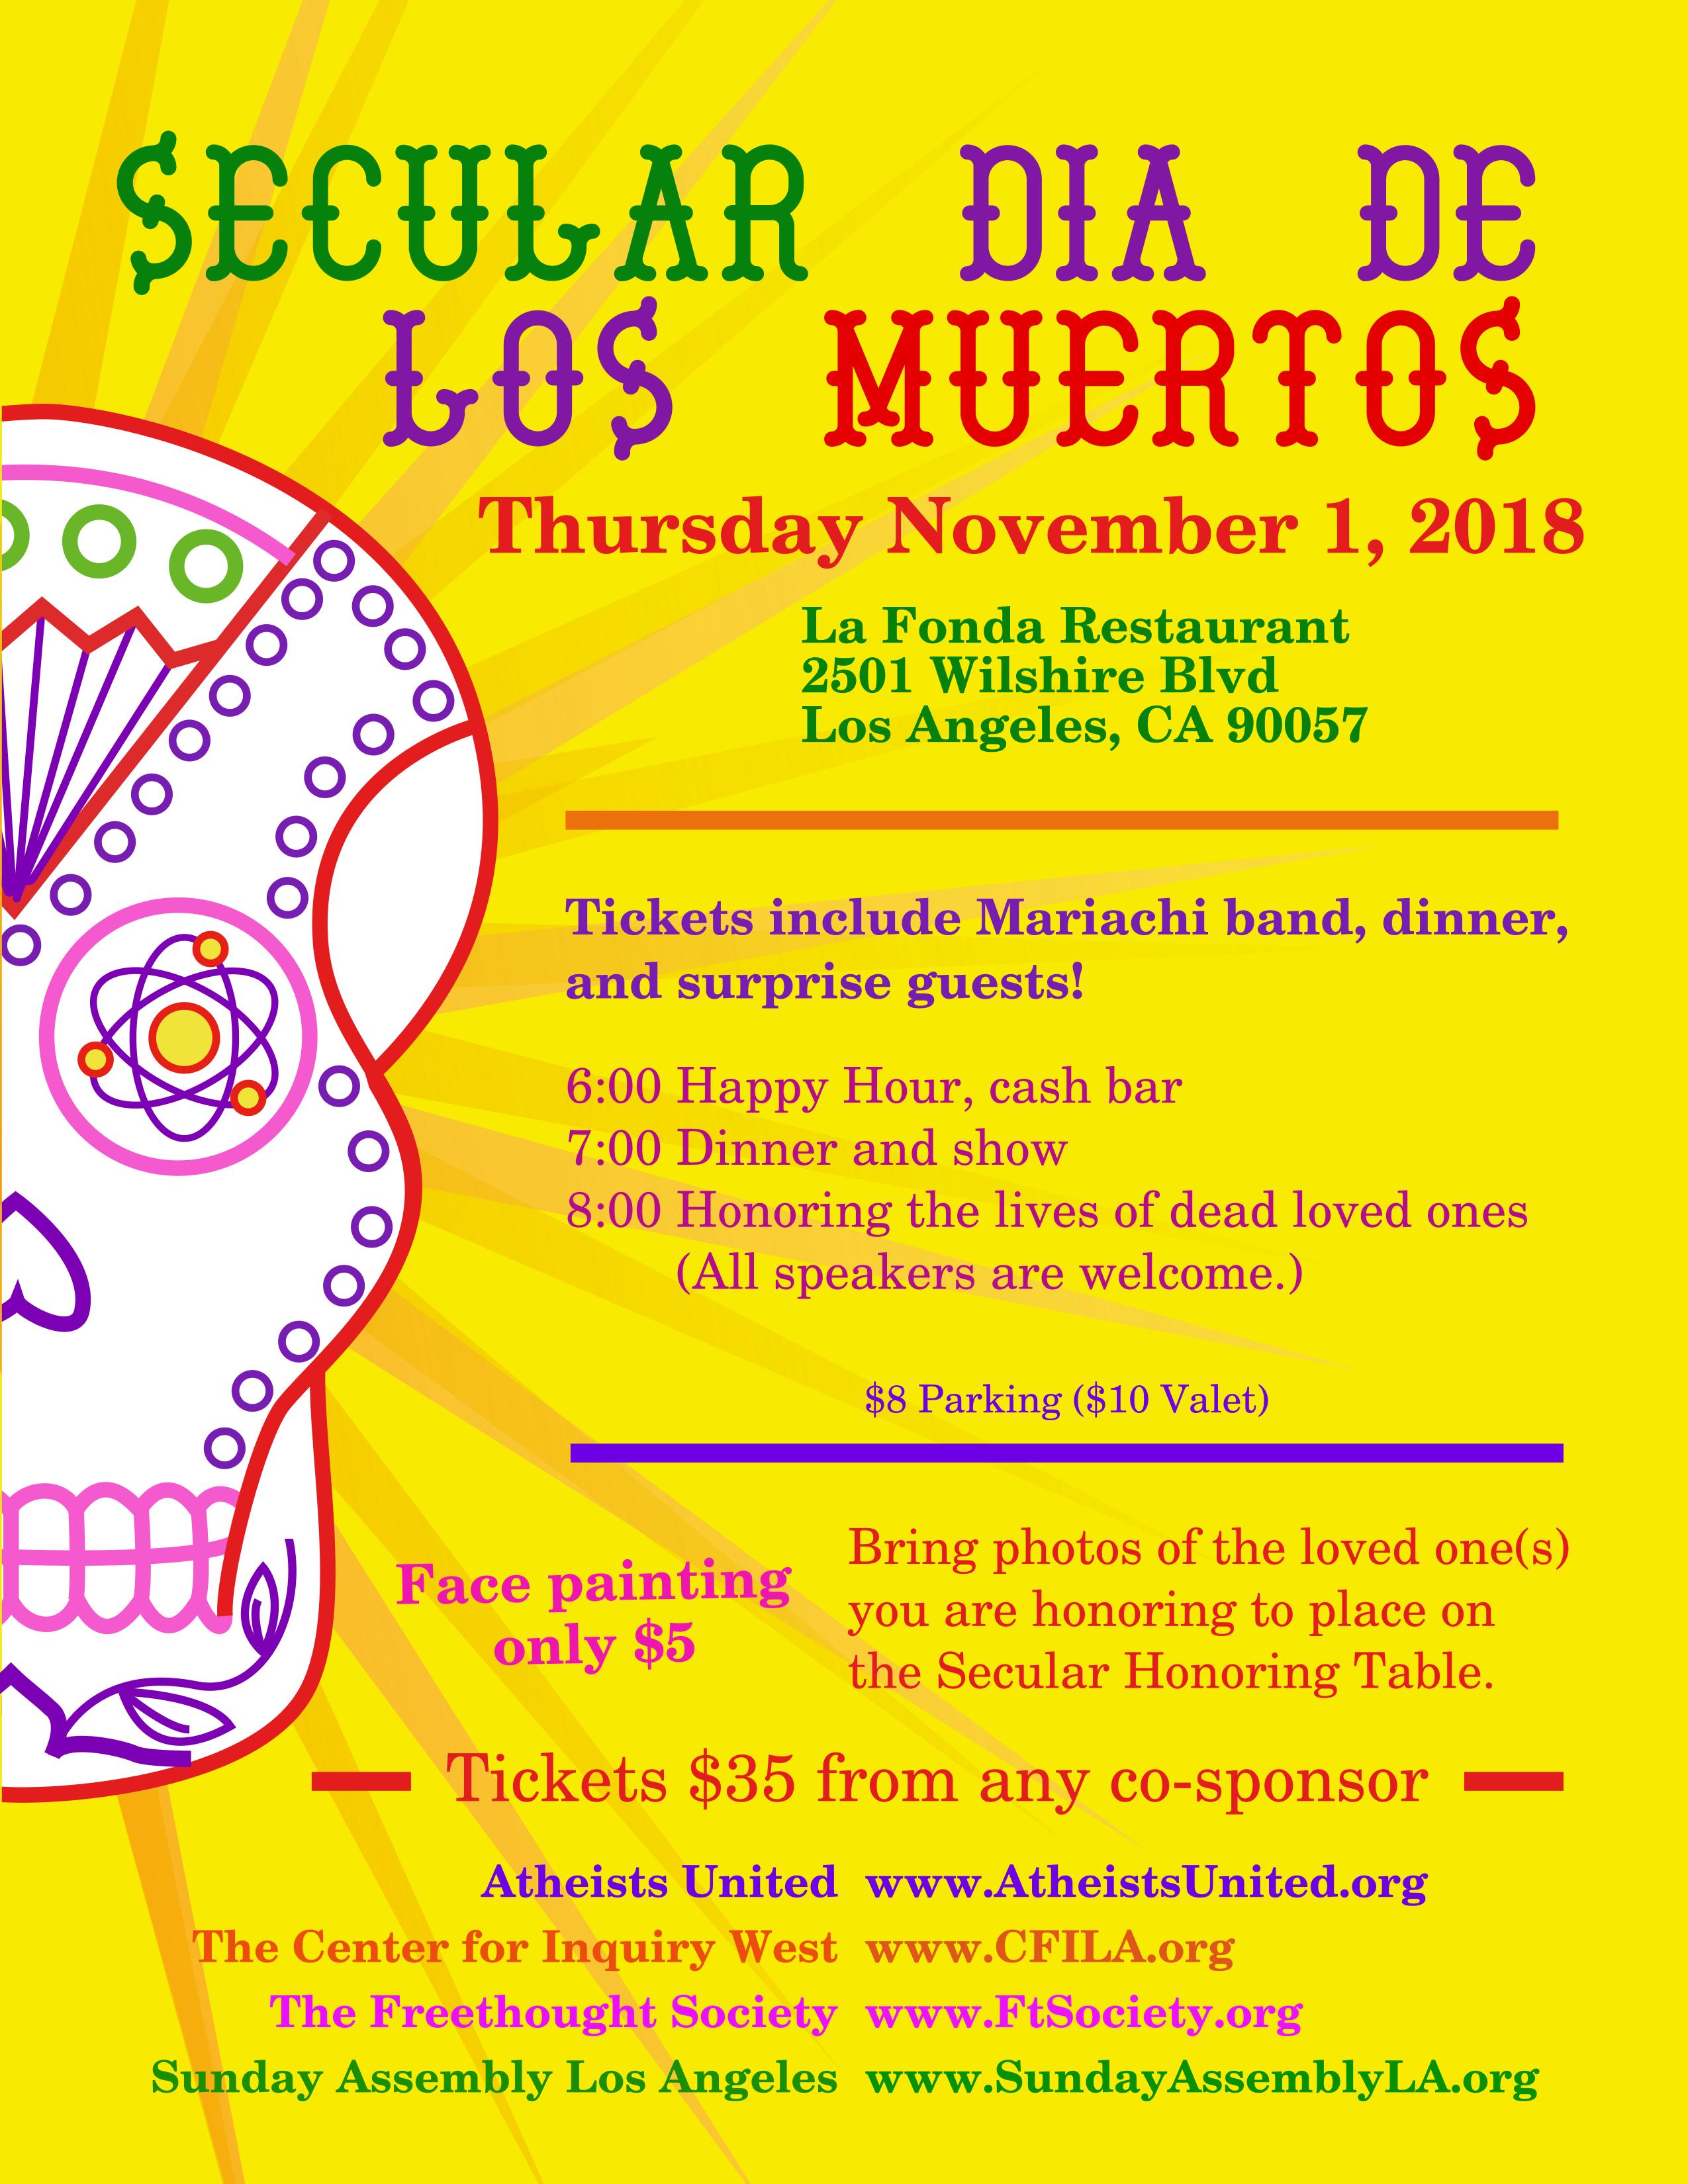 Secular Dia de Los Muertos Flyer